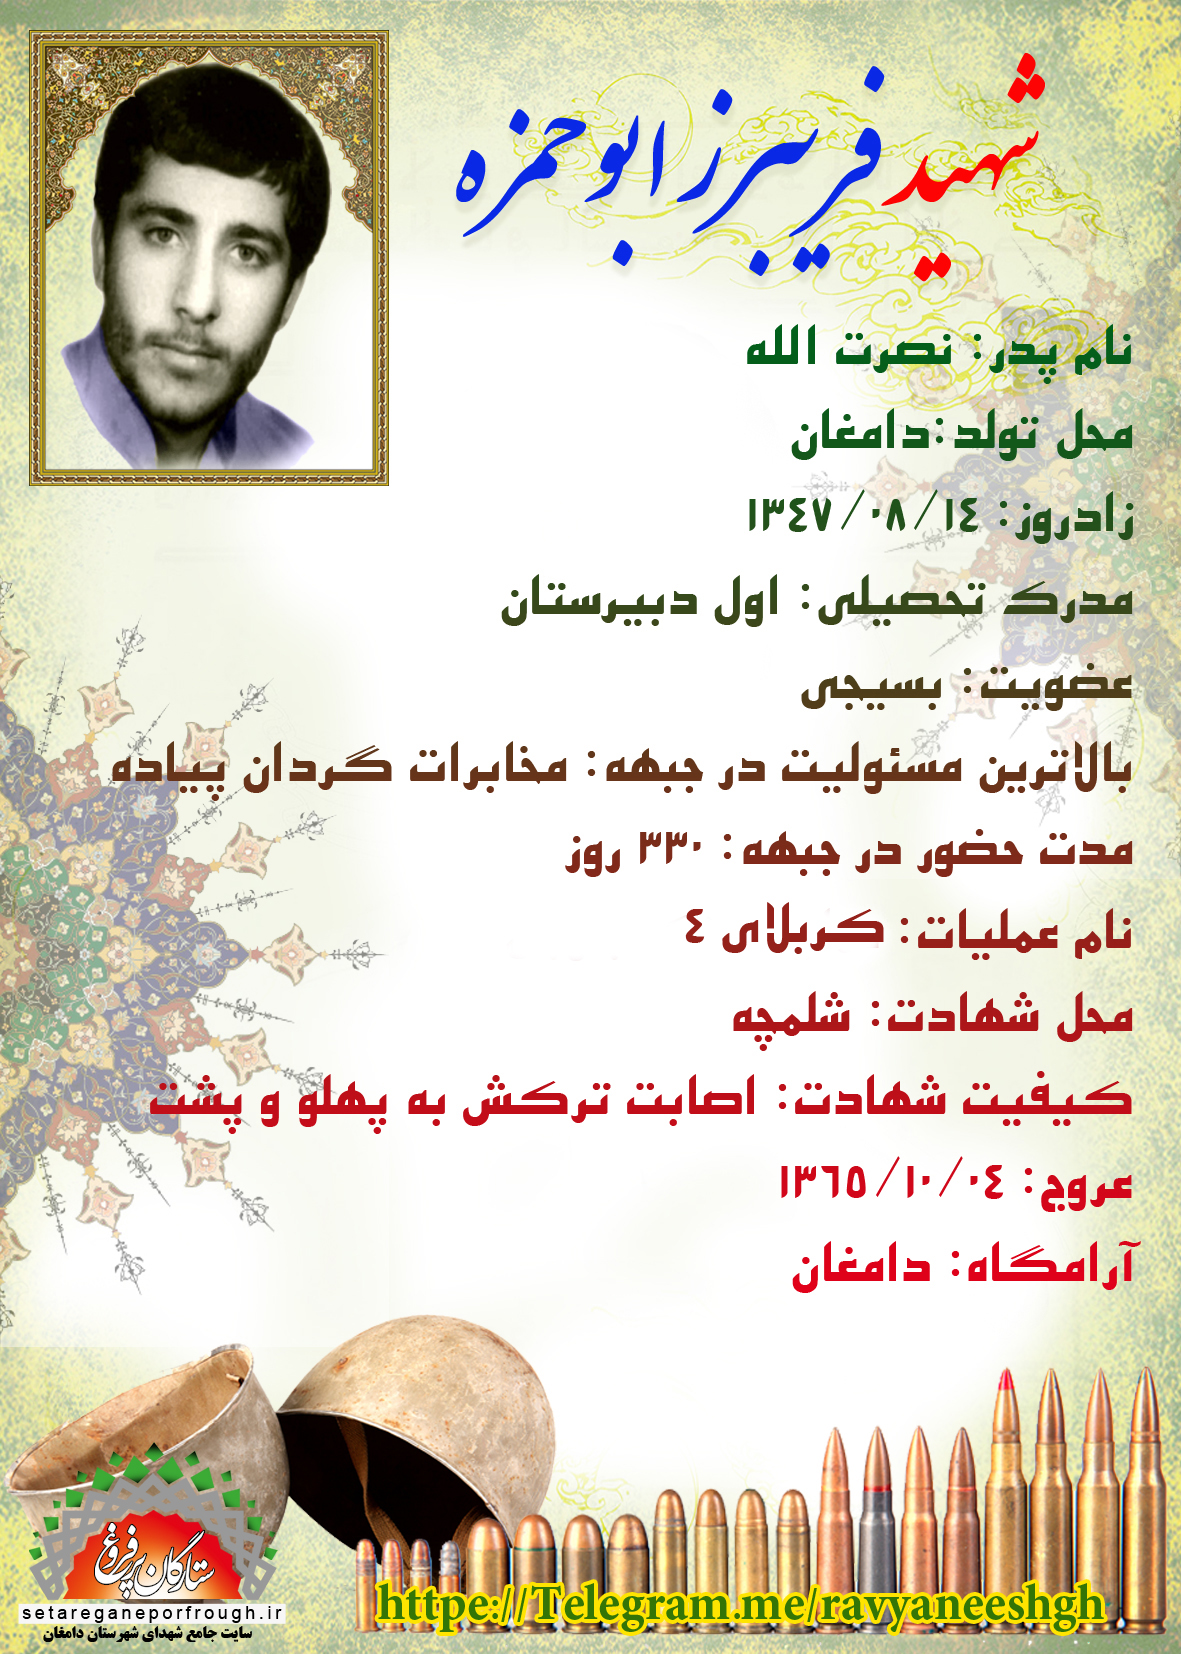 شناسنامه شهید فریبرز ابوحمزه